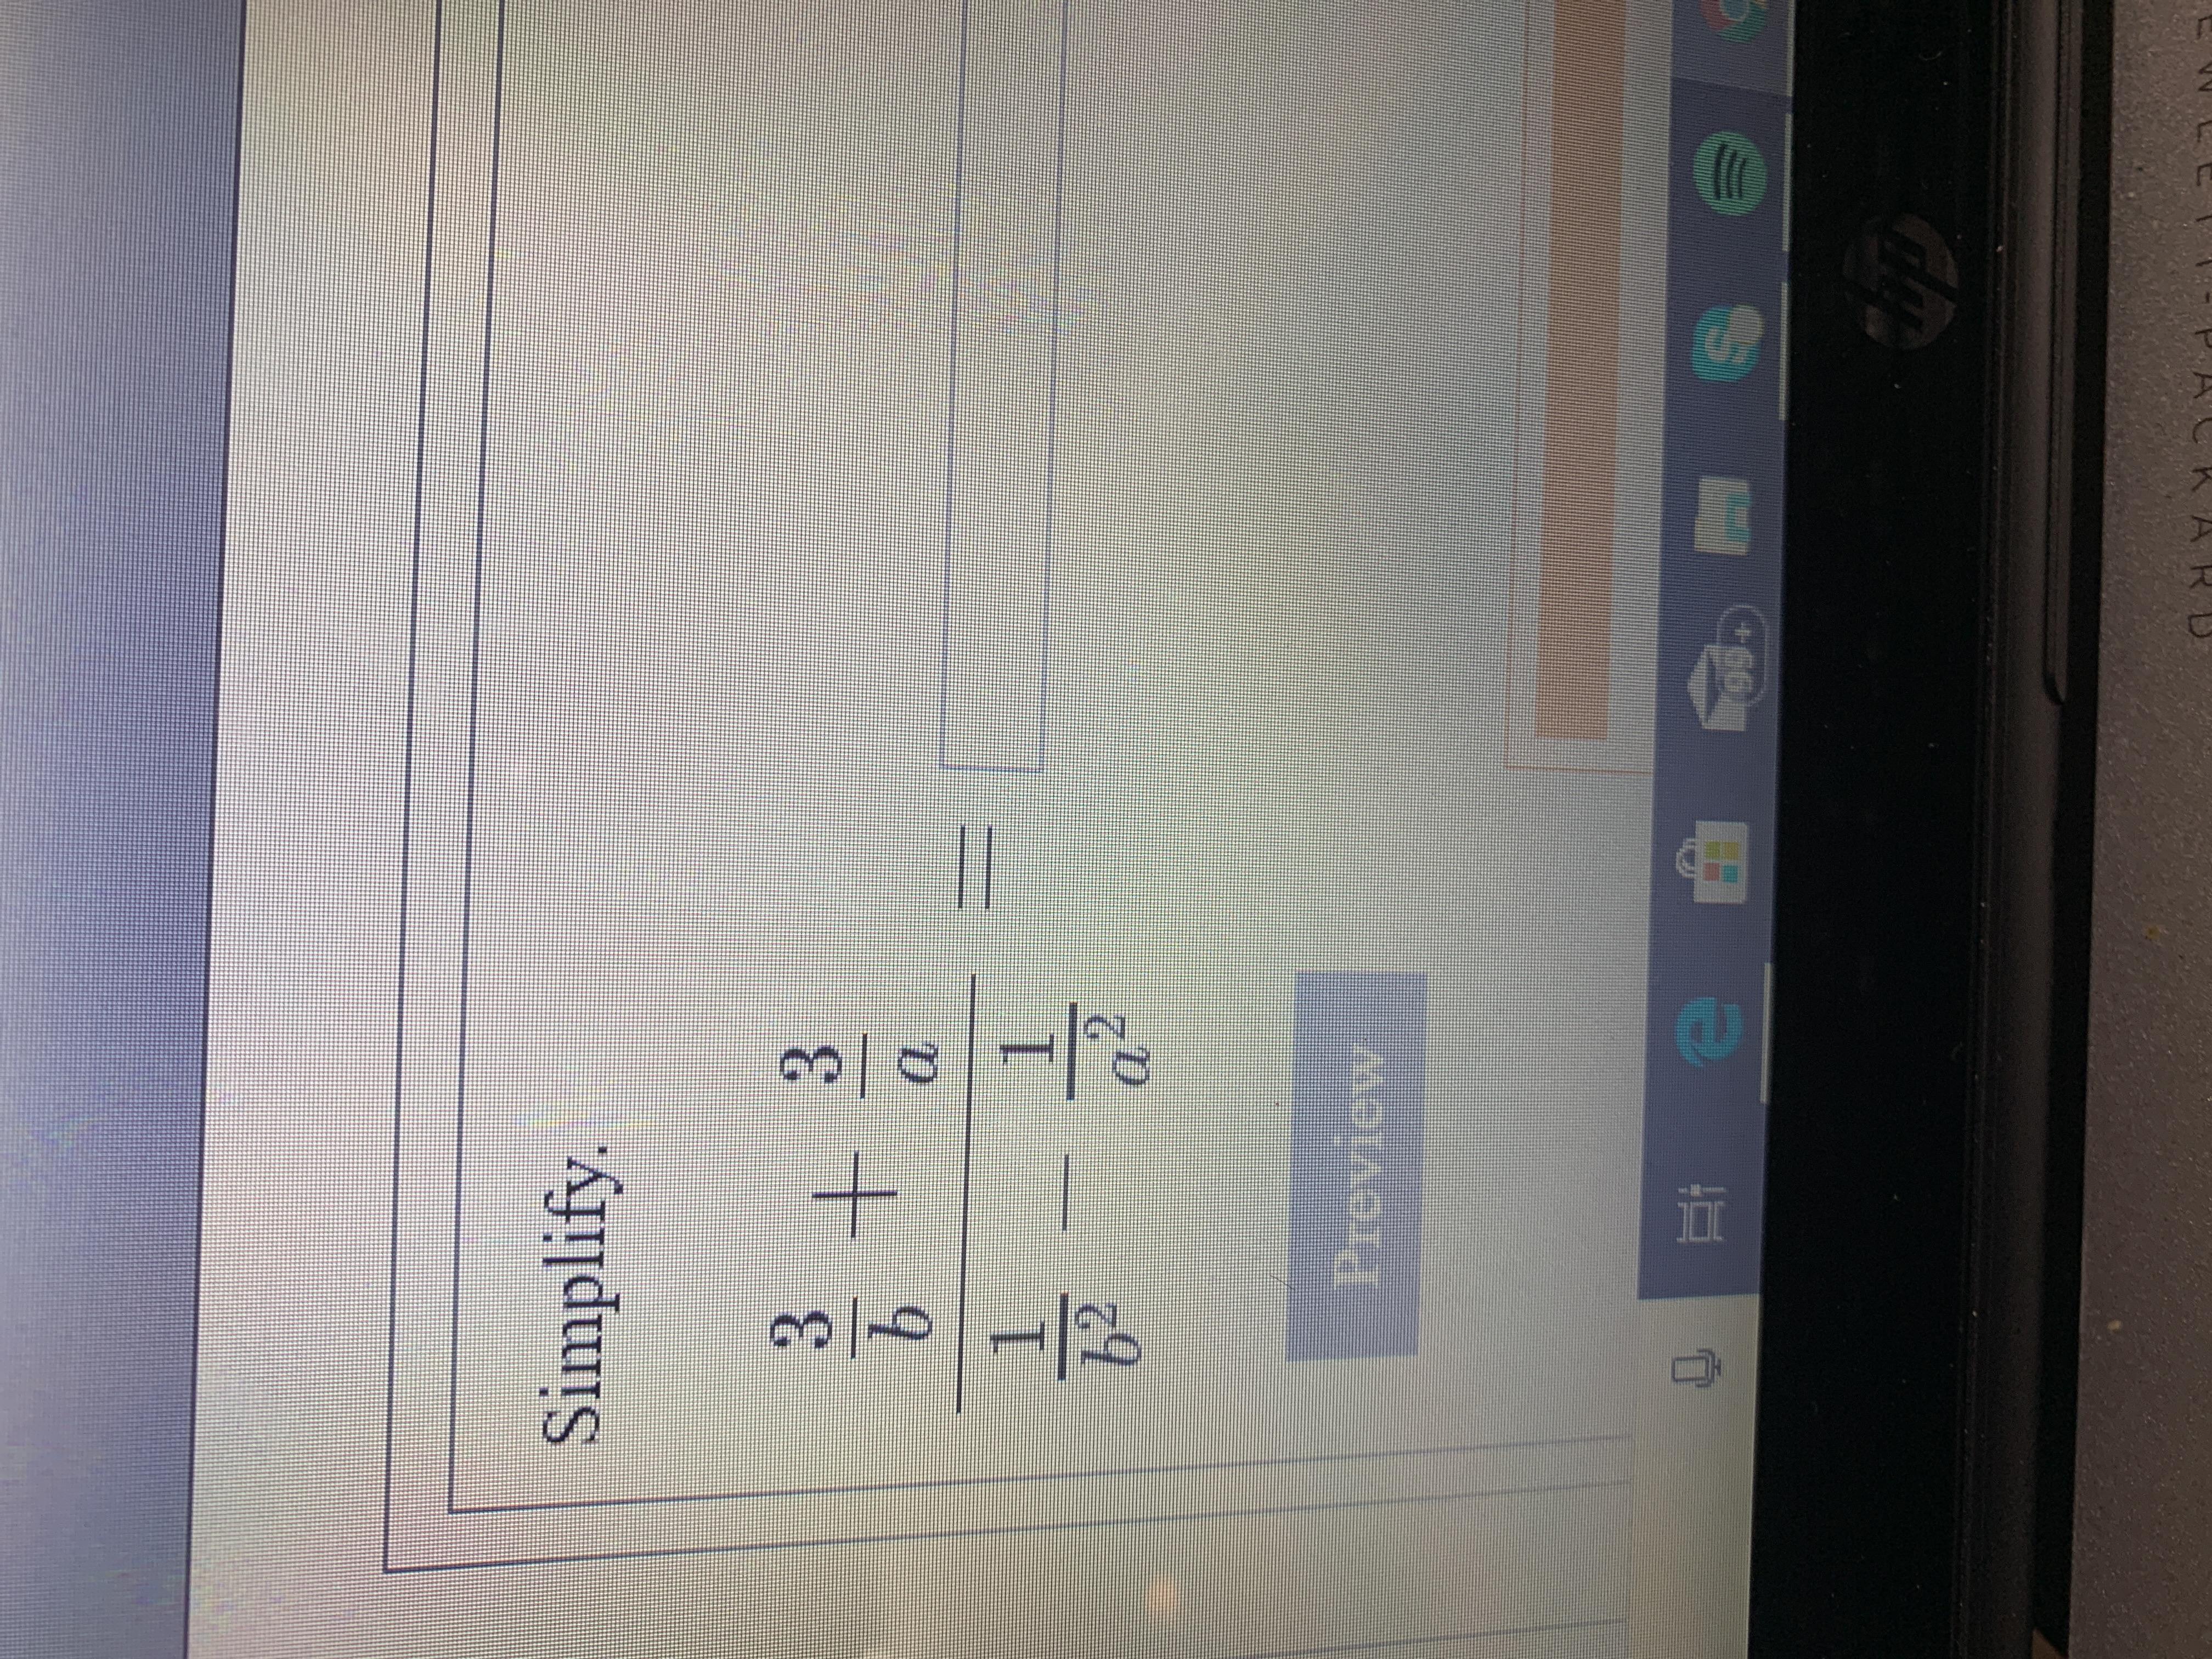 Simplify 3 b b2 Preview 99+